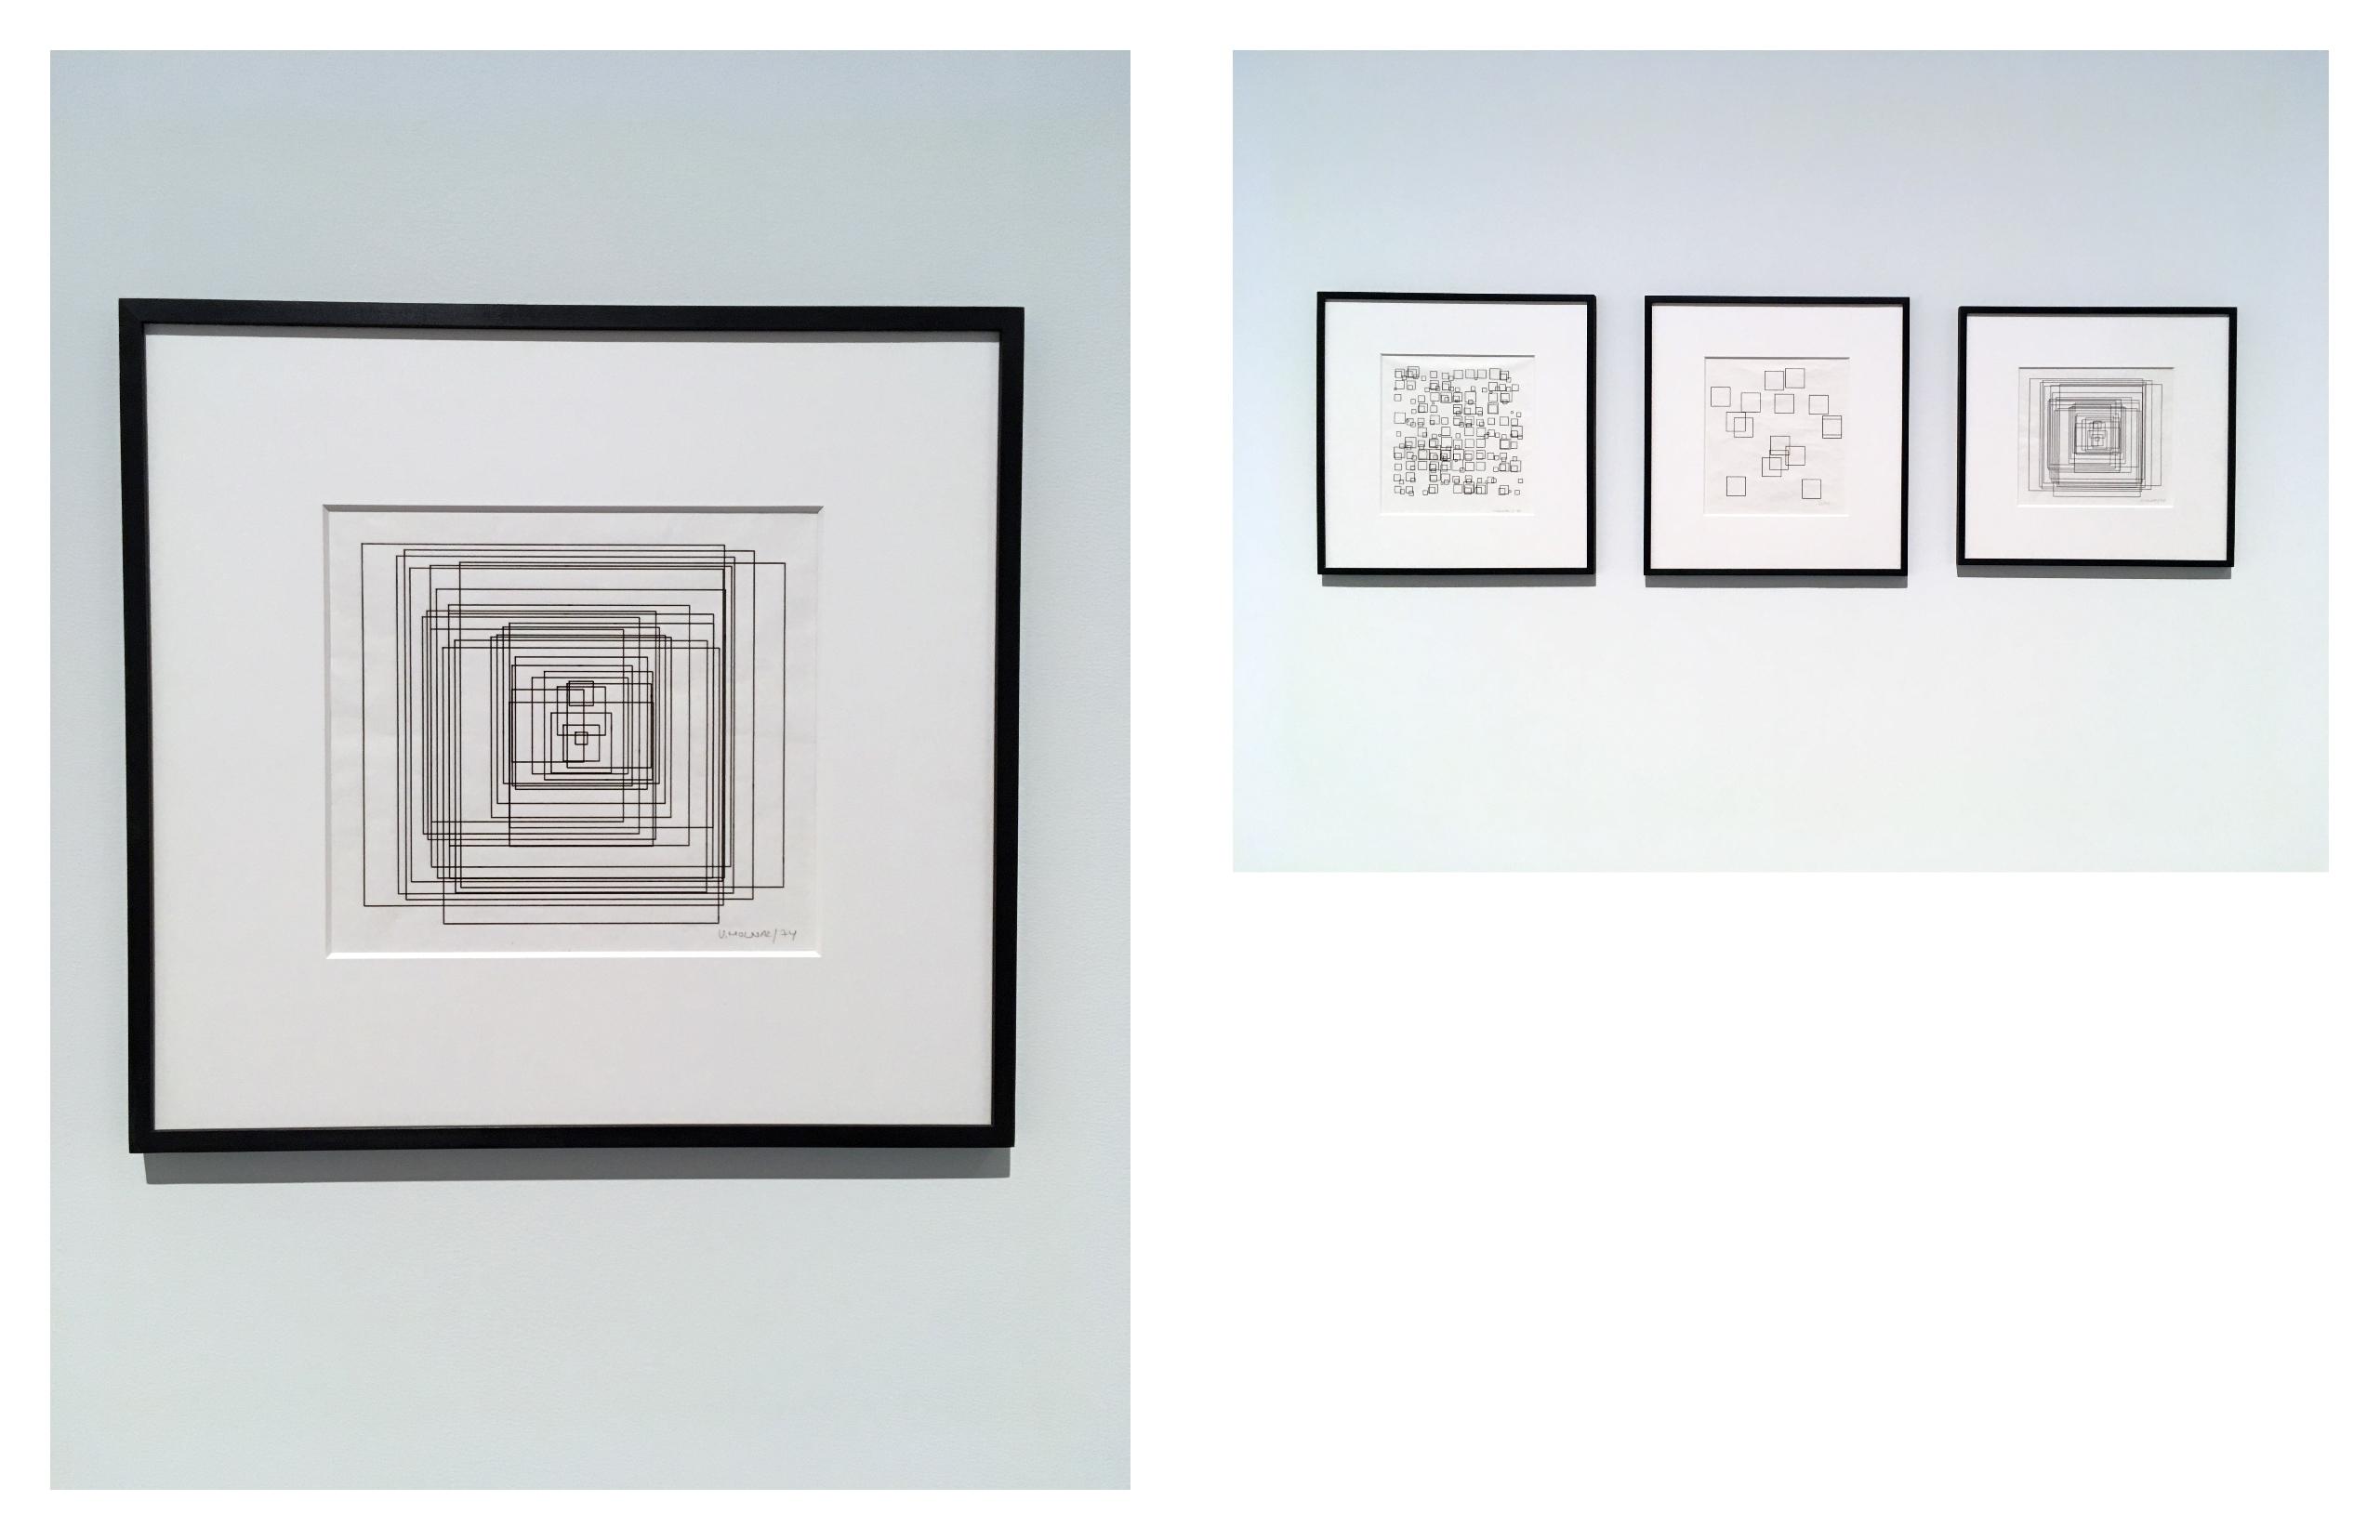 Obraz przedstawia dwa zdjęcia. Z lewej strony widzimy obrazek przedstawiający kwadratowe linie. Z prawej strony widzimy trzy obrazki w ramkach przedstawiające kwadraty różnych rozmiarów.